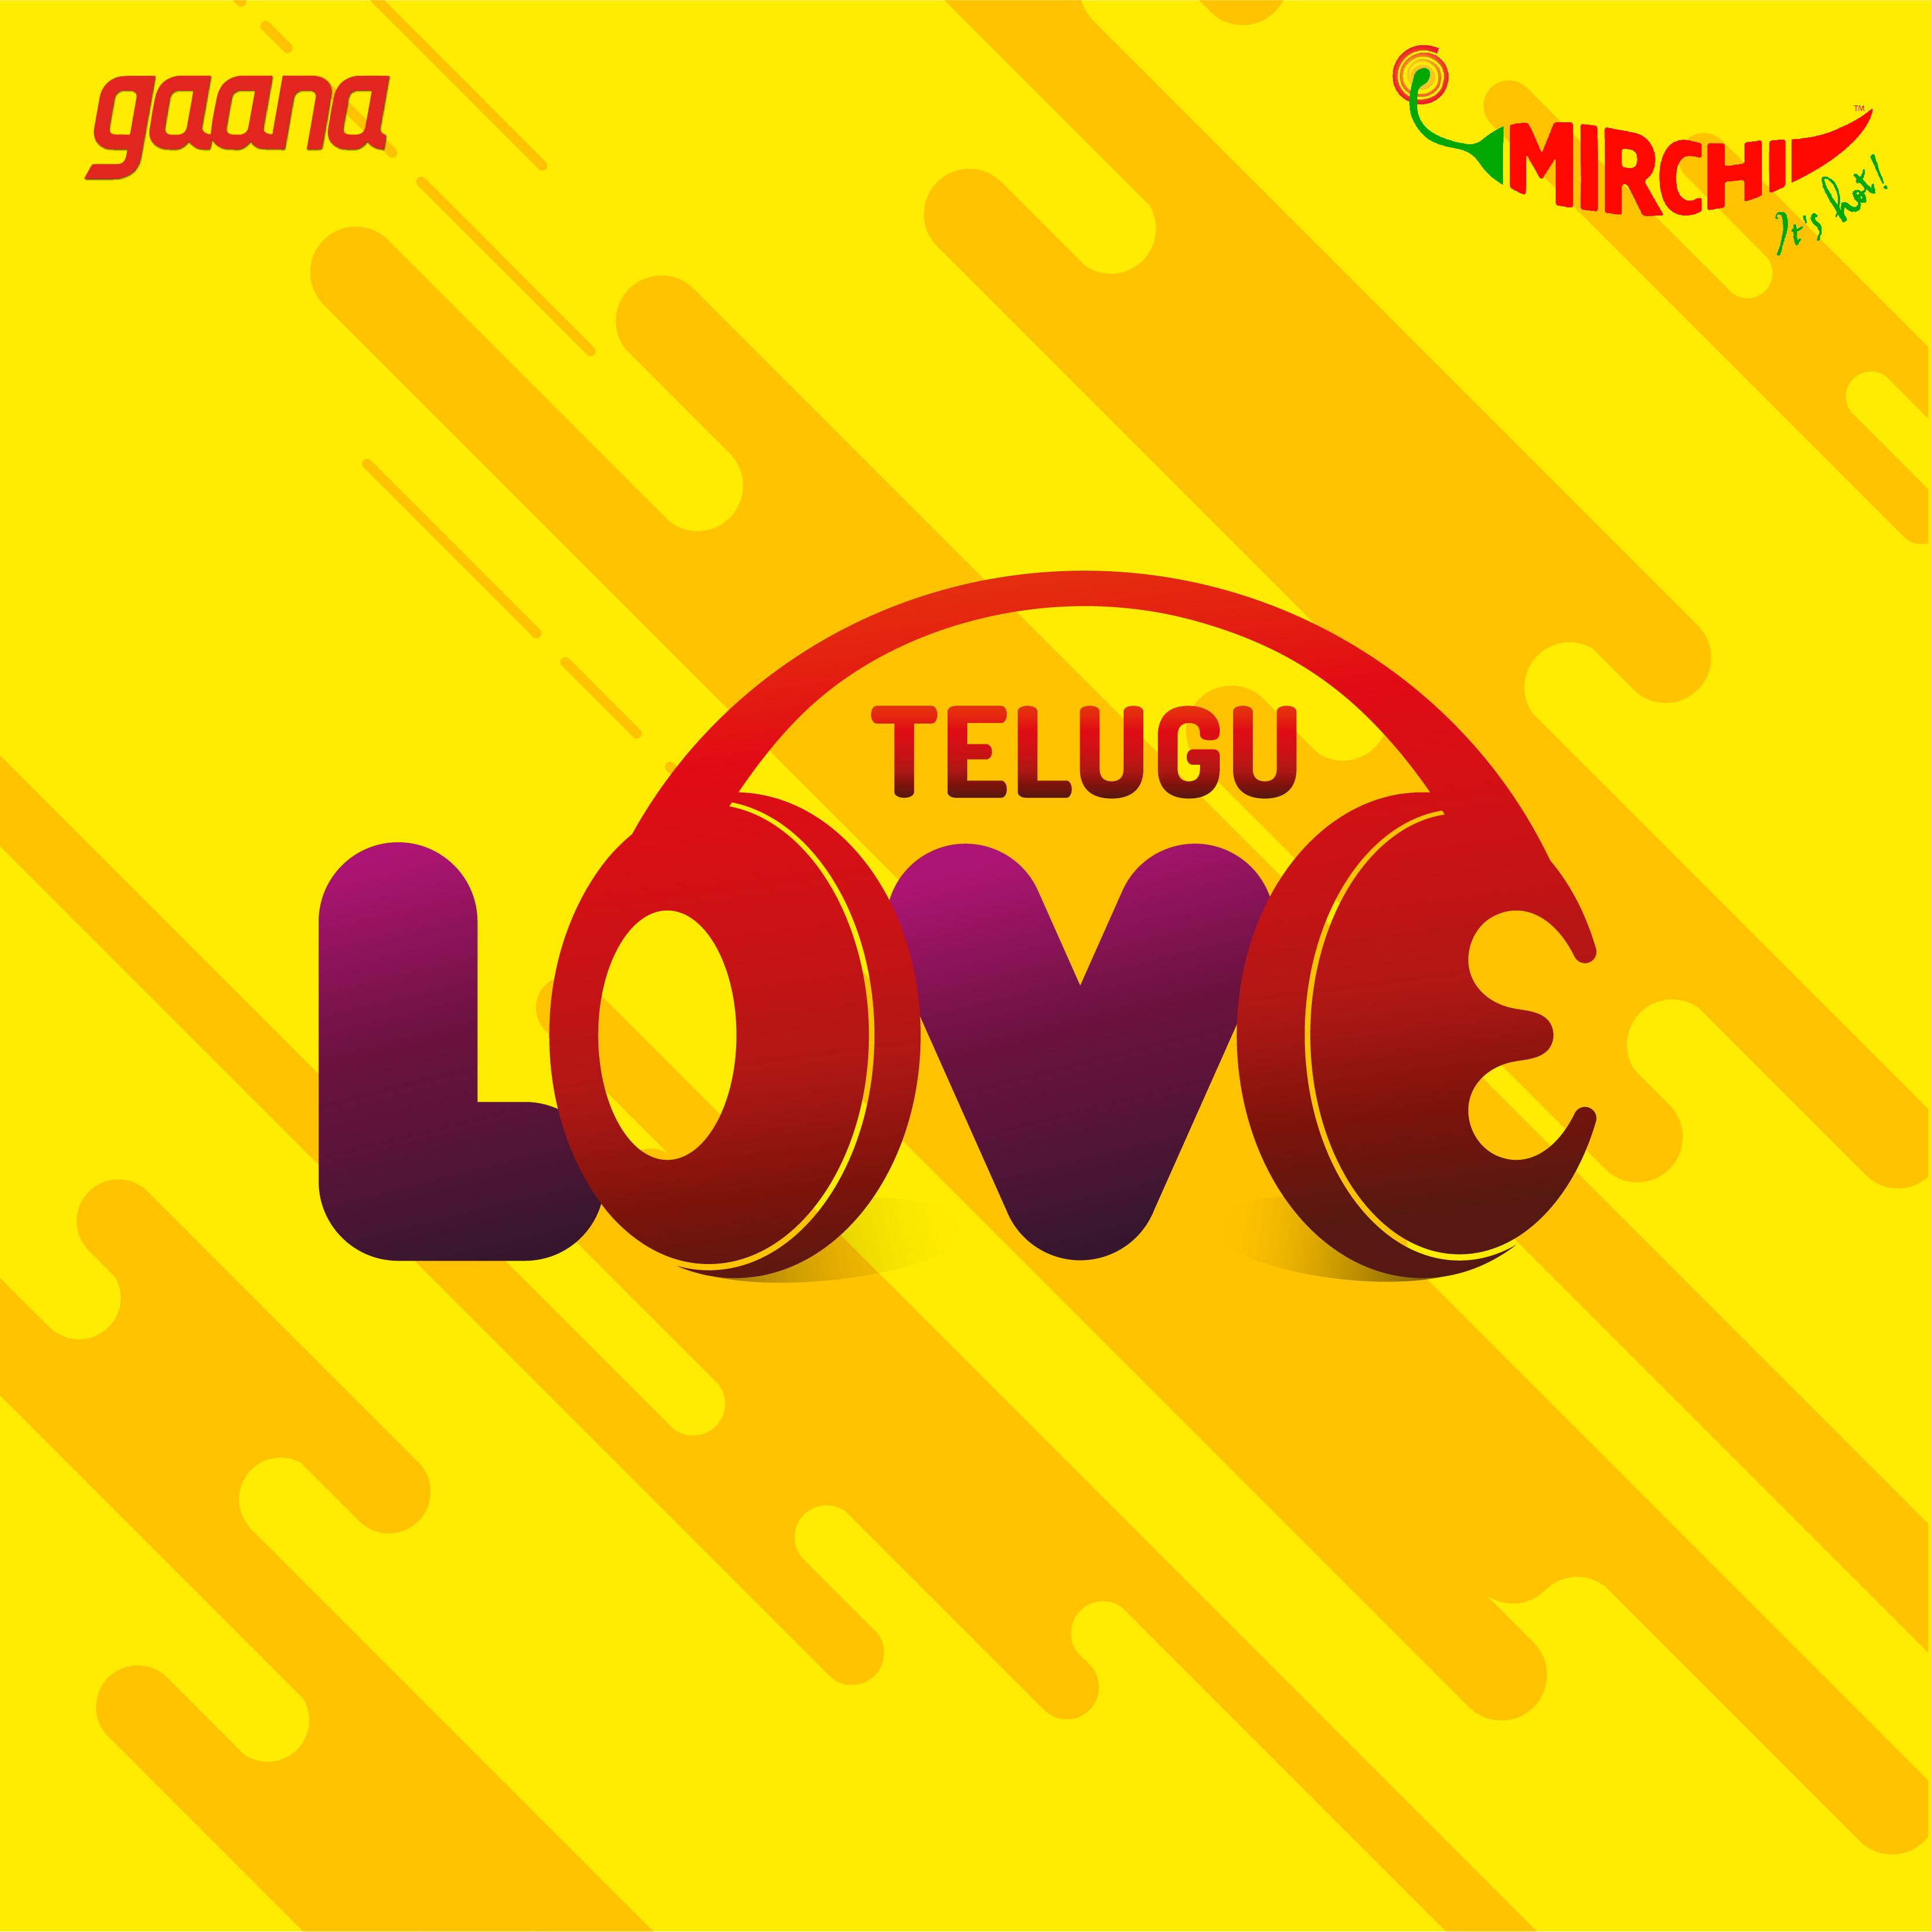 Mirchi Love Telugu Radio Station- Telugu Movie Songs, Telugu